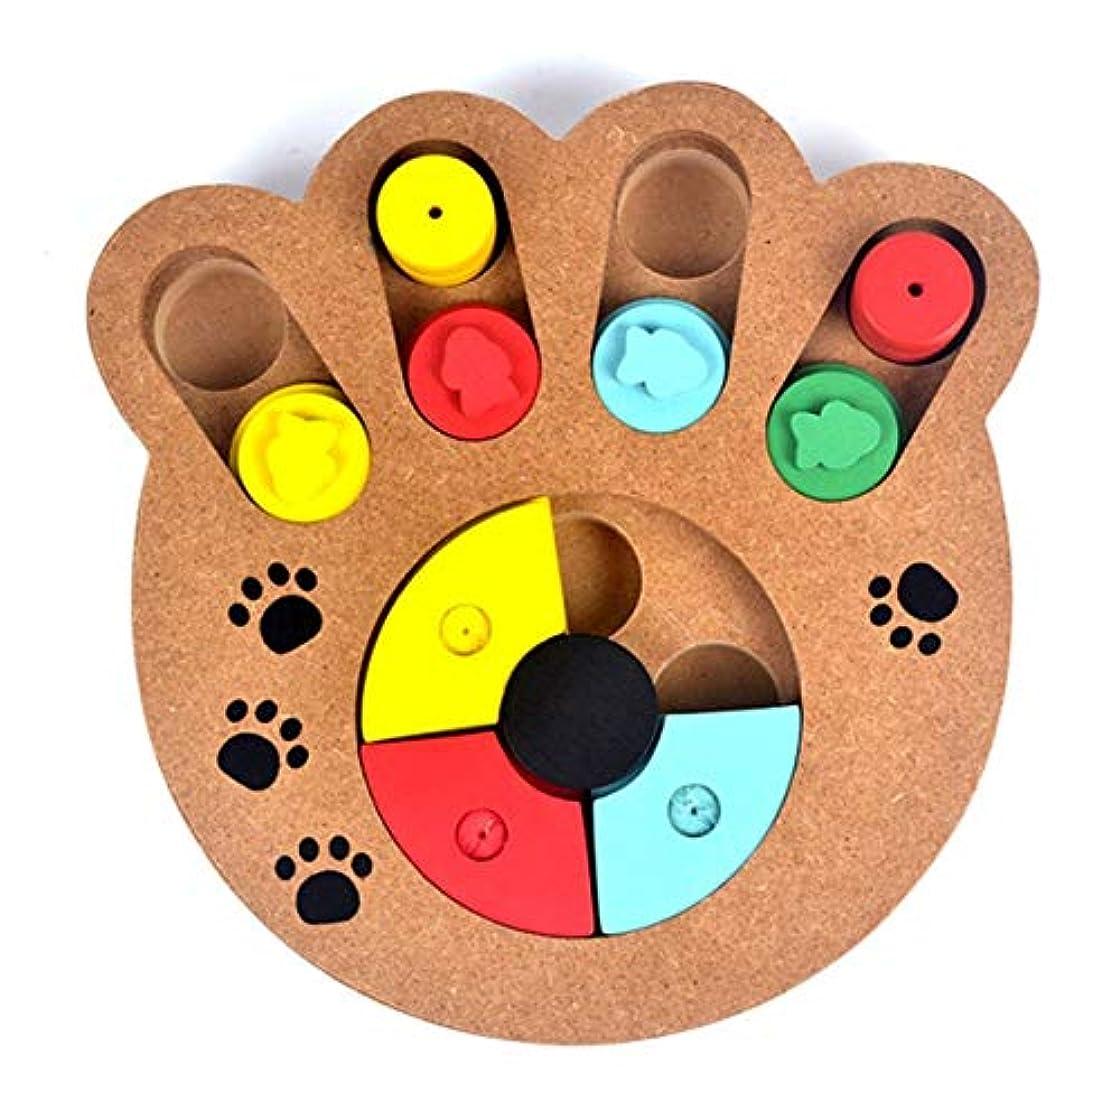 登場家具シャークSaikogoods 多機能の自然食品は 子犬犬猫ペット用品のための木製教育ポウパズルインタラクティブ玩具扱い マルチカラーミックス